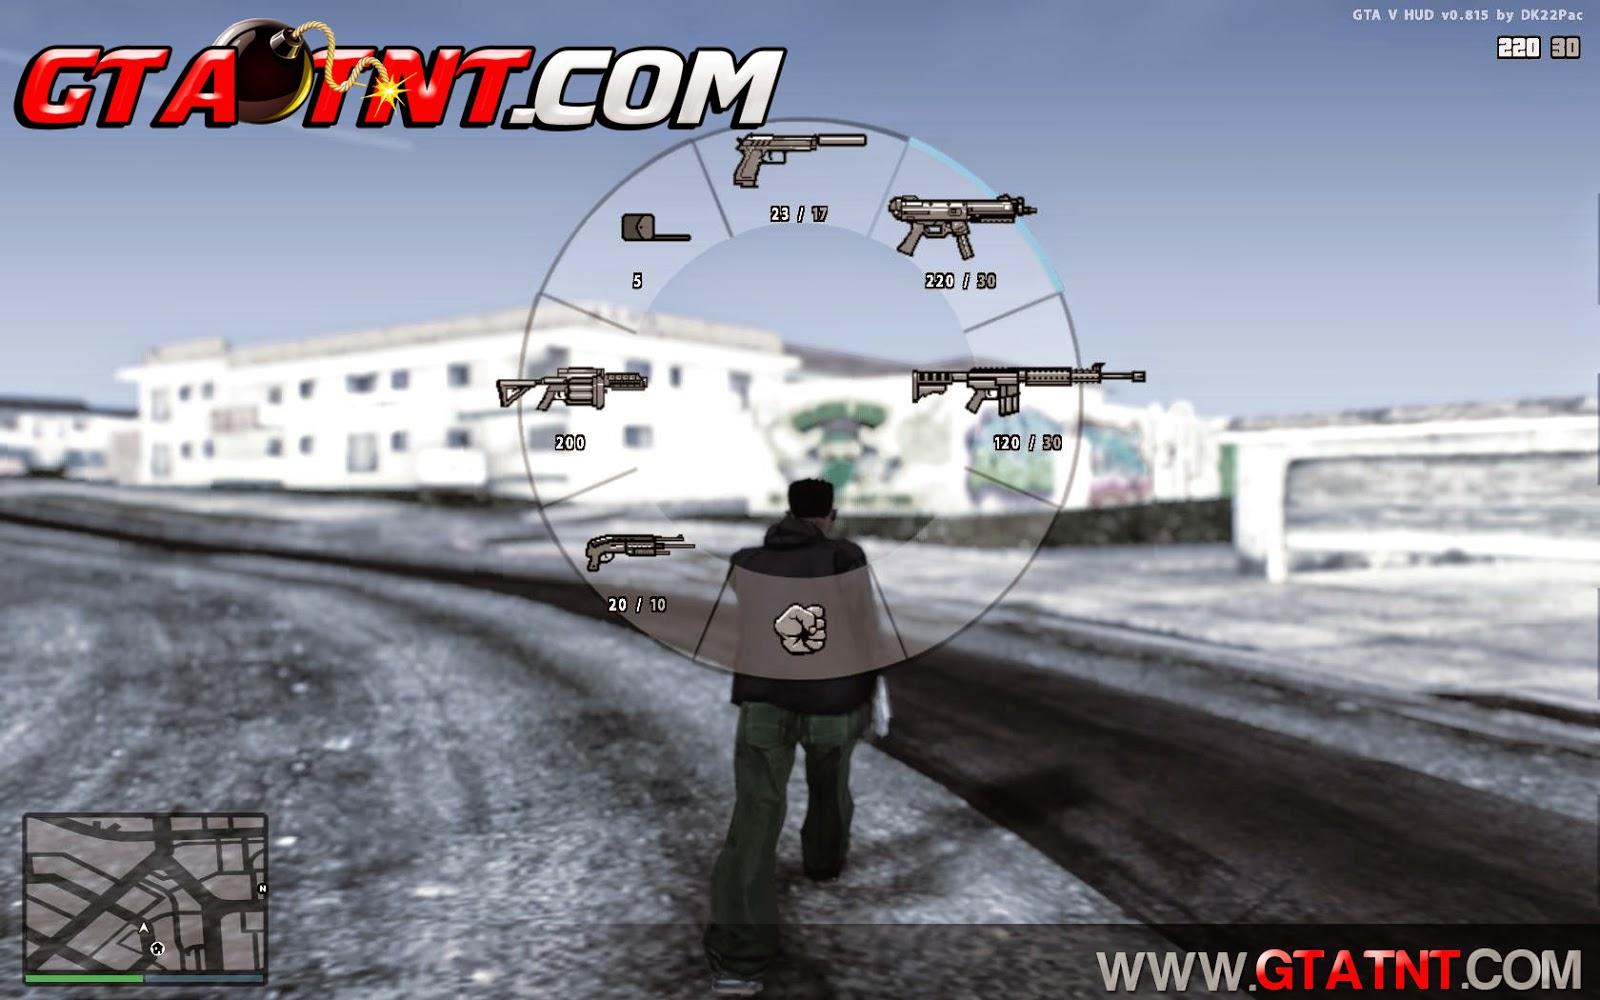 GTA SA - HUD + GPS + Menu de Armas + Troca de Personagem do GTA 5 Gta_sa%2B2014-09-03%2B11-17-14-44